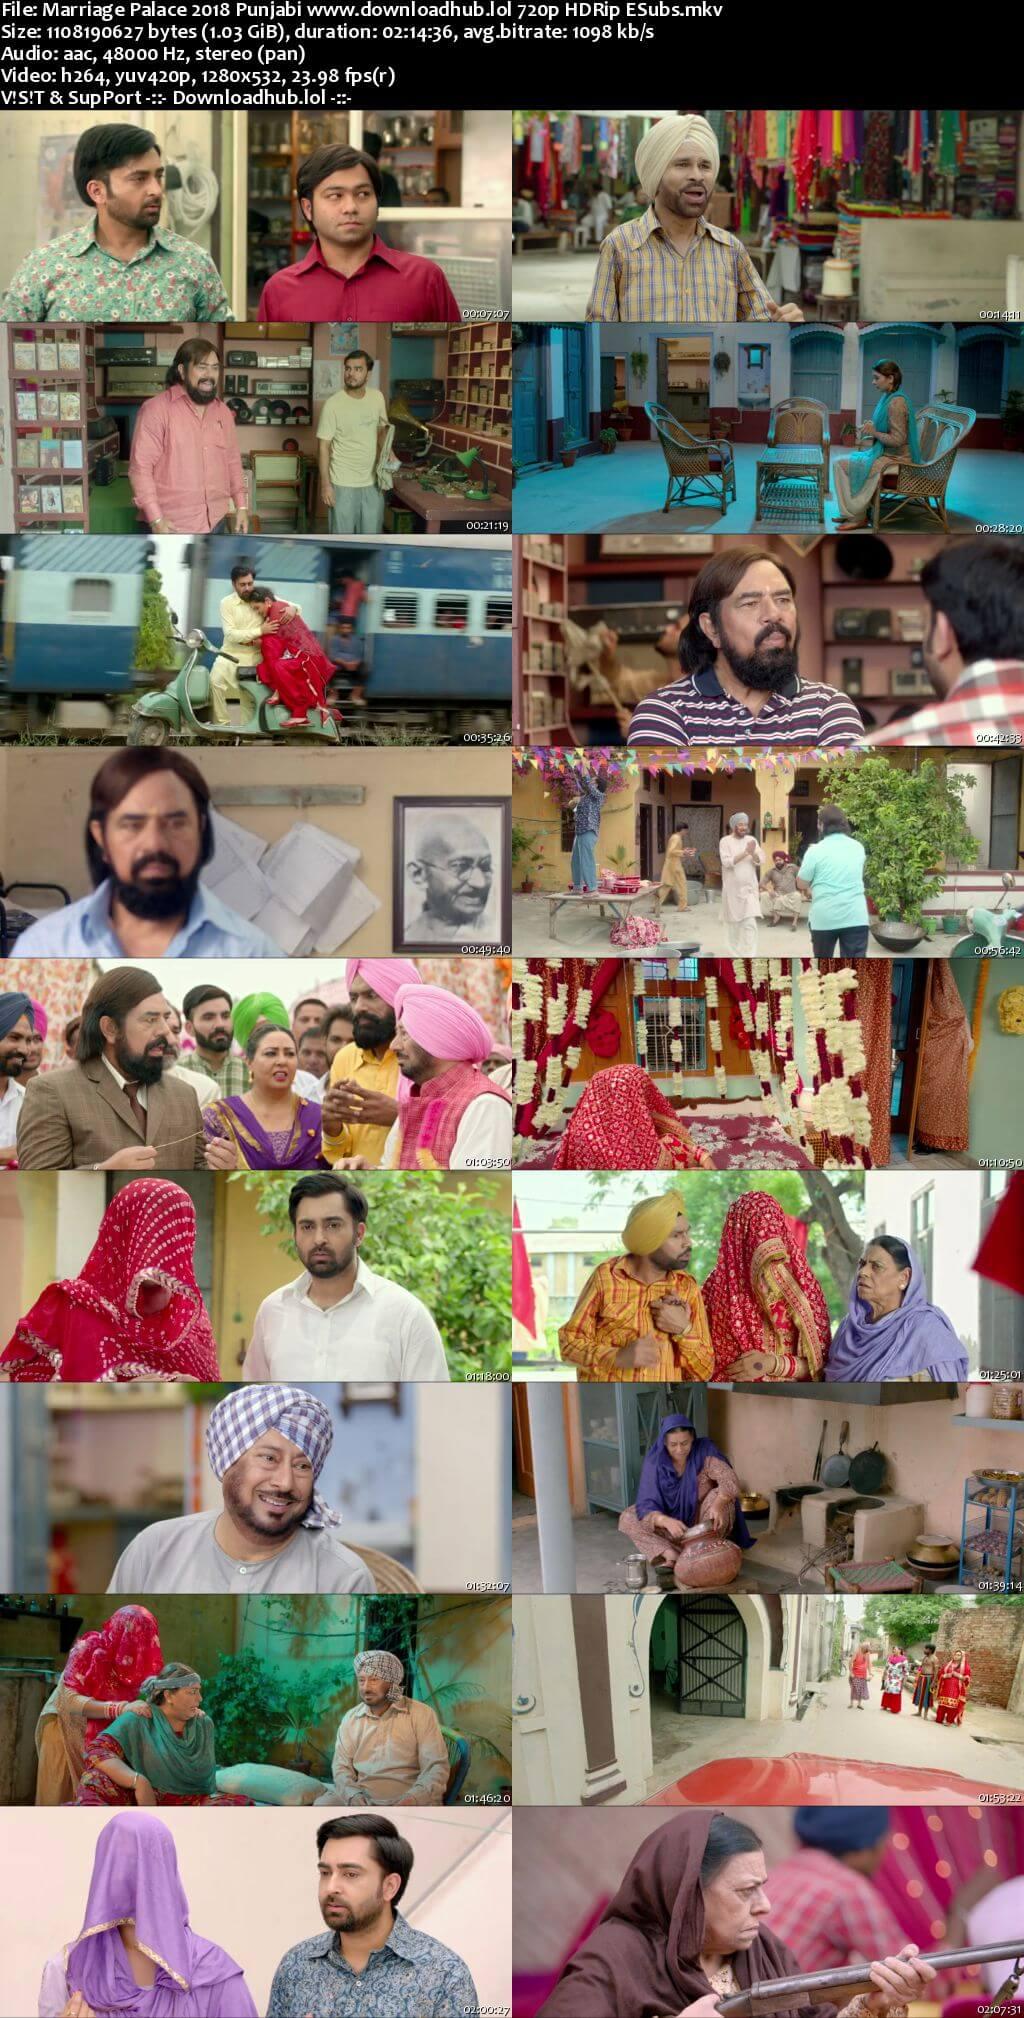 Marriage Palace 2018 Punjabi 720p HDRip ESubs